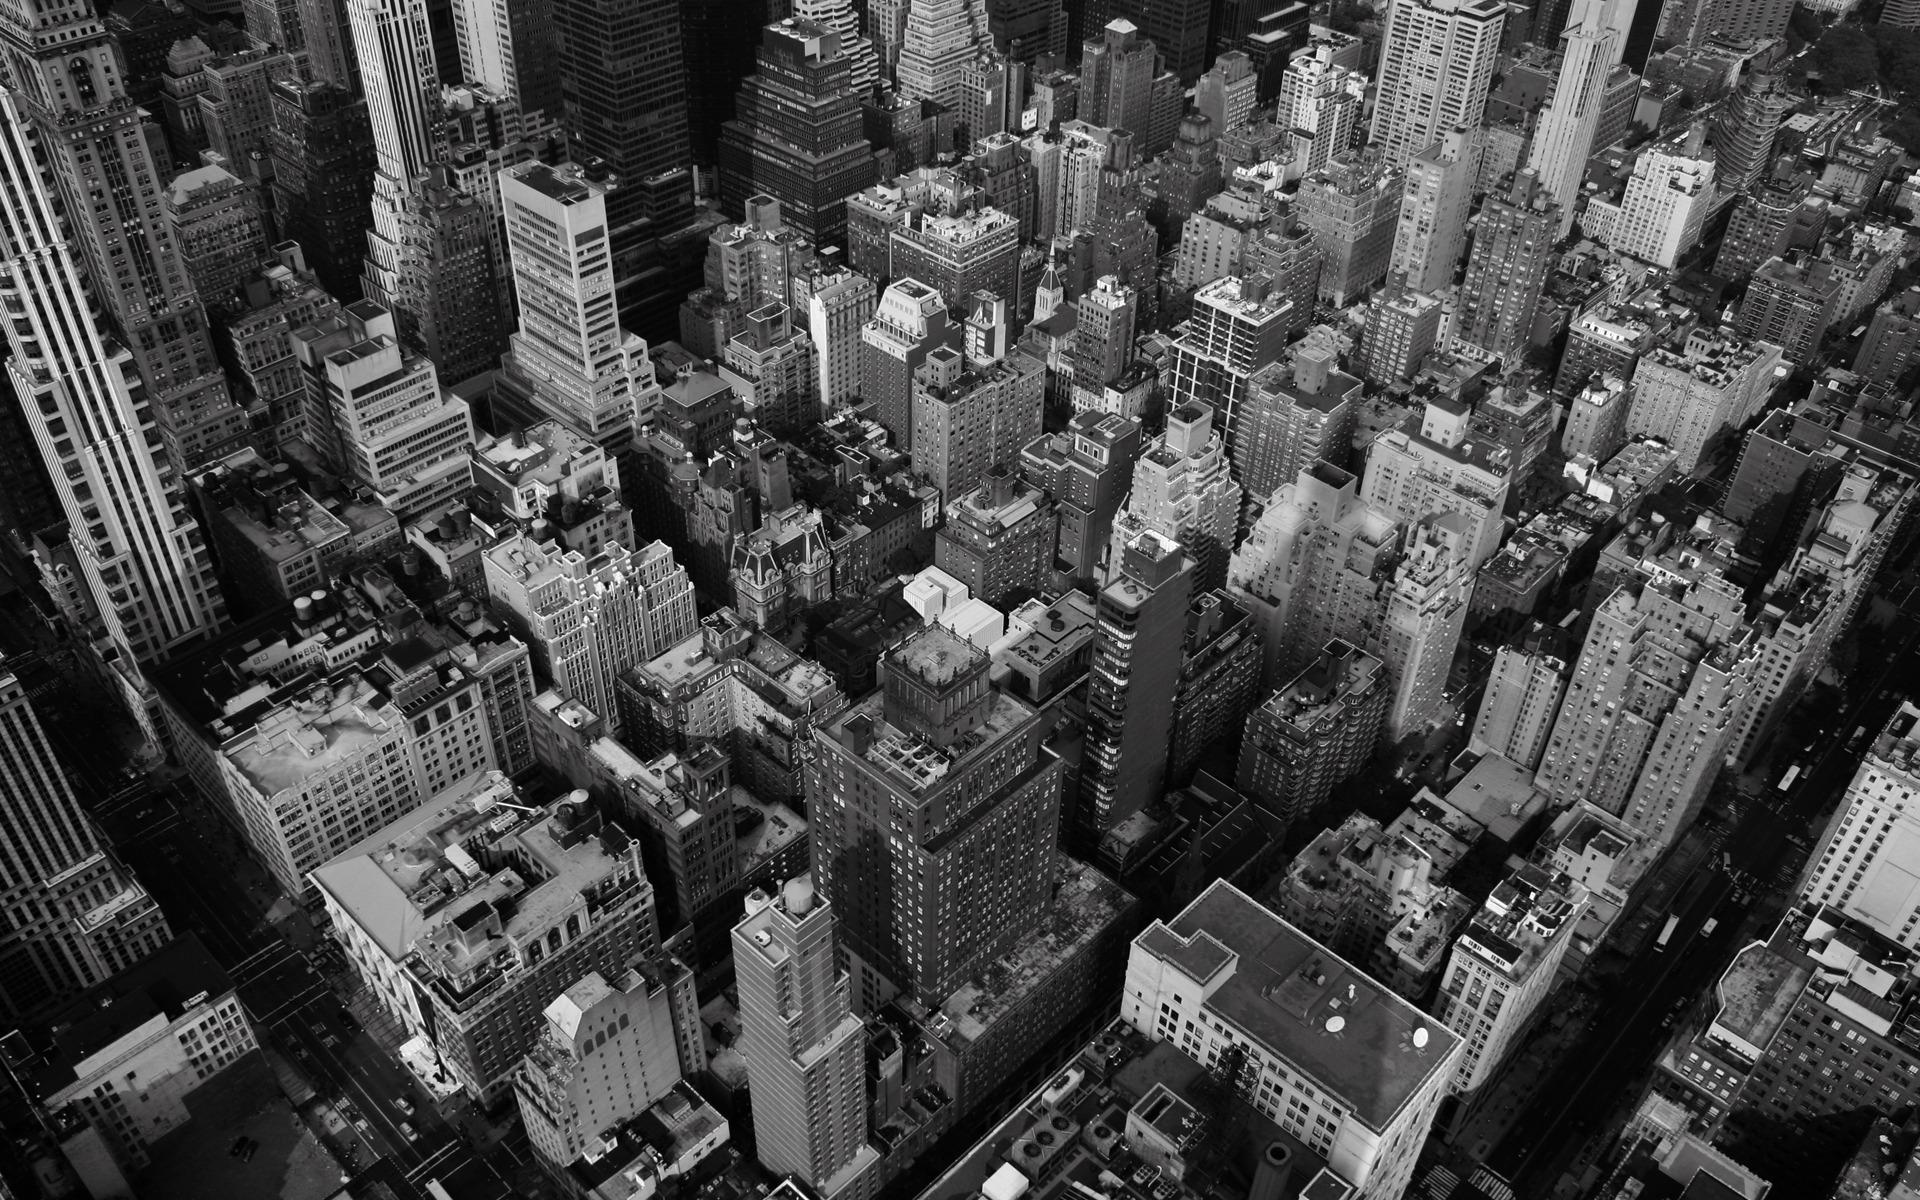 этих город в сером цвете картинки этим планам